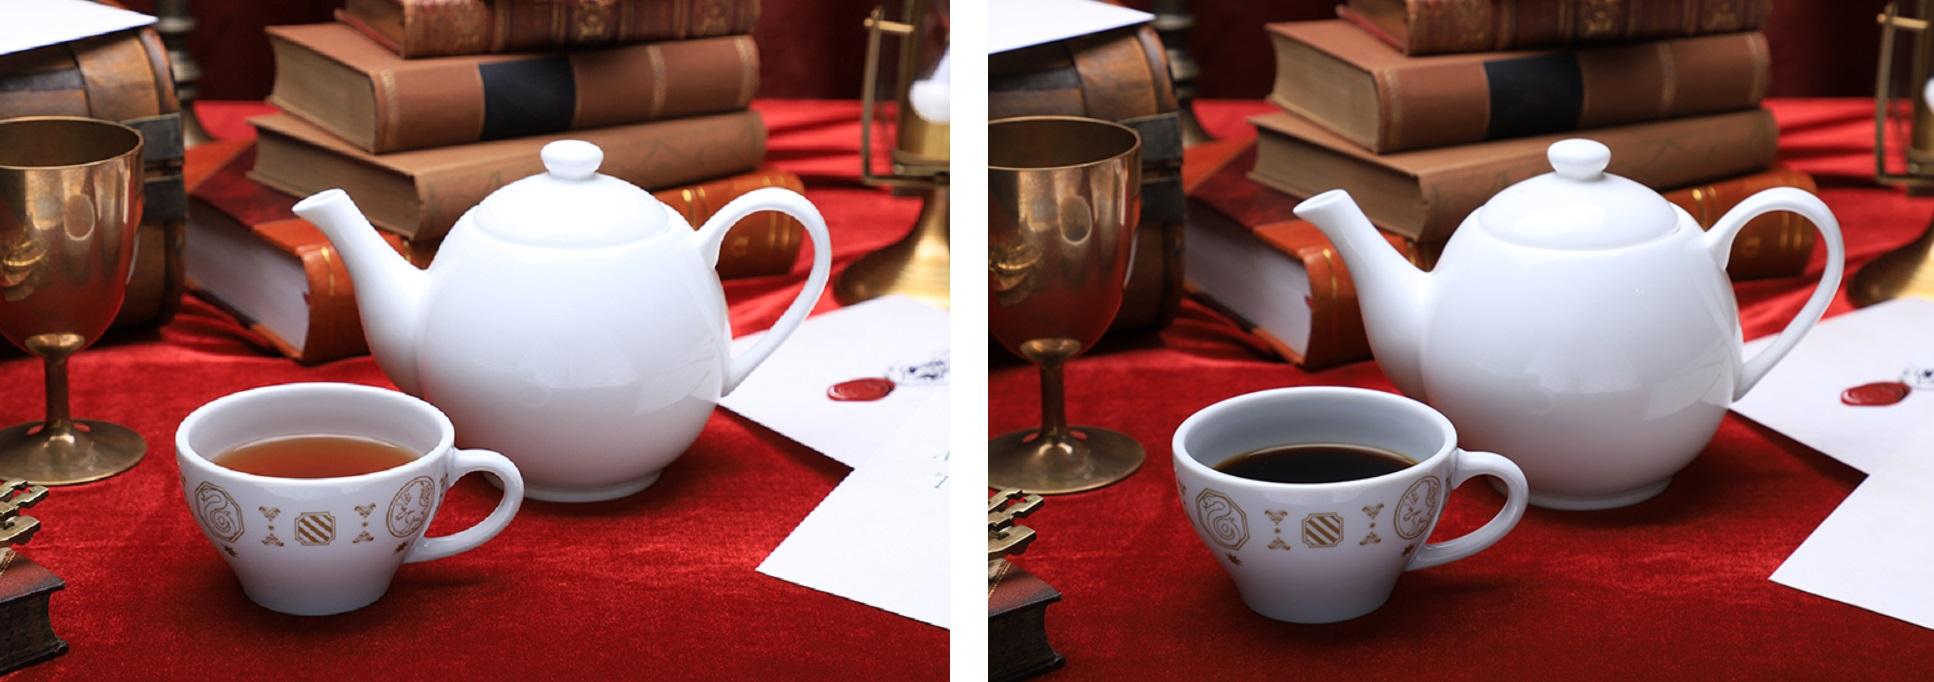 %e3%83%8f%e3%83%aa%e3%83%bc%e3%83%bb%e3%83%9b%e3%82%9a%e3%83%83%e3%82%bf%e3%83%bc-%e3%82%ab%e3%83%95%e3%82%a7%e3%80%80harry-potter-cafe10-2